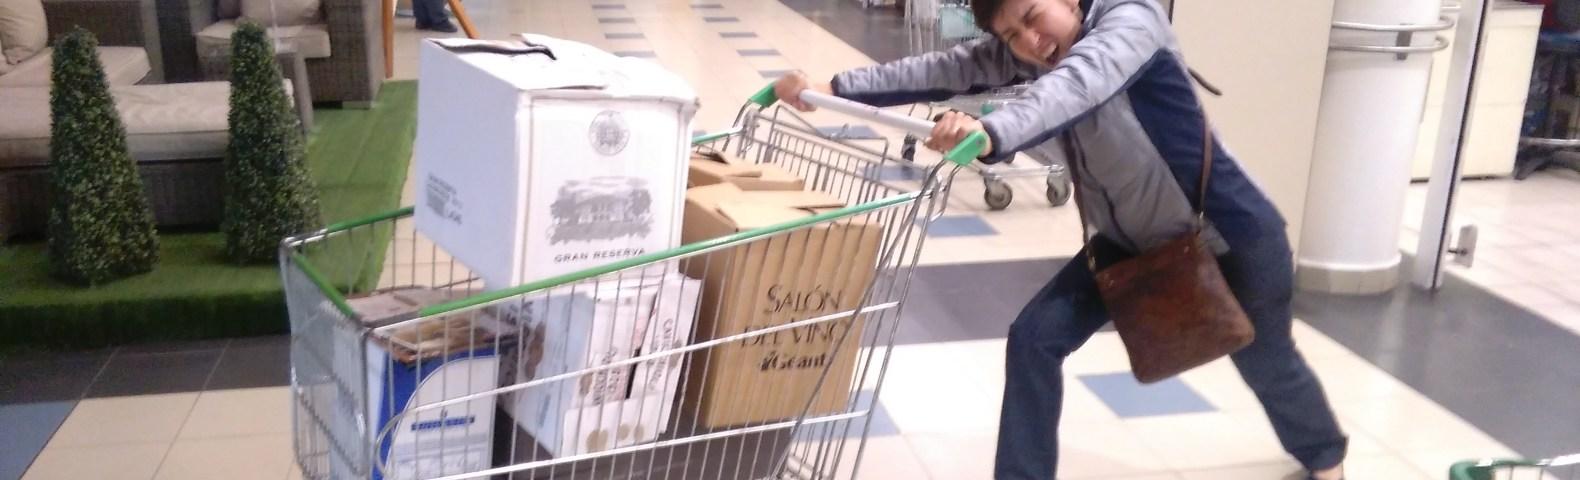 Meu carrinho de compras no Salón del Vino do Géant de 2016